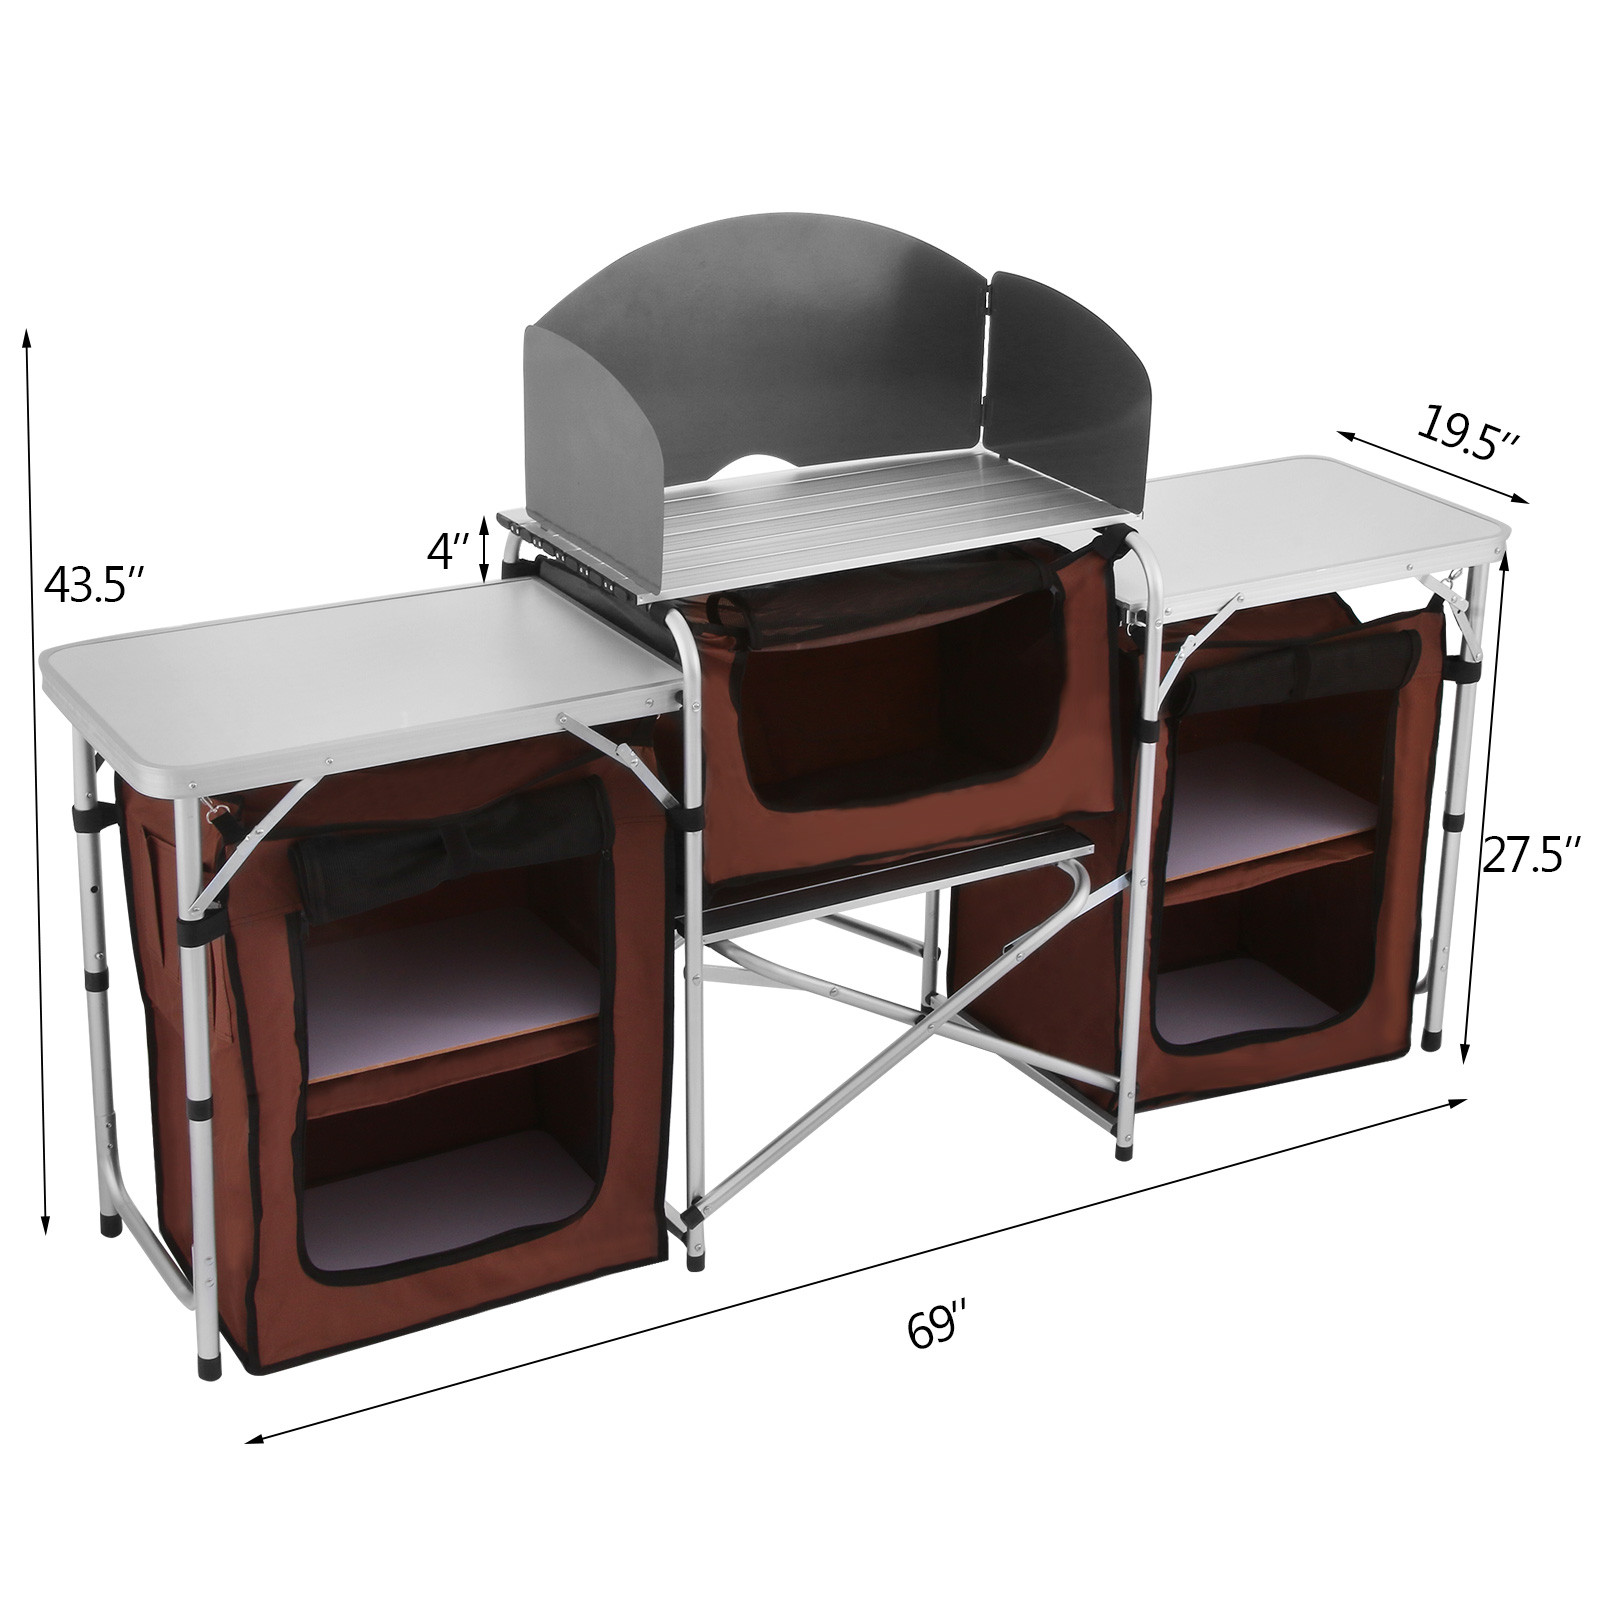 Pliable-Cuisine-de-Camping-Meuble-de-Rangement-Portable-Exterieur-Cuisine miniature 8